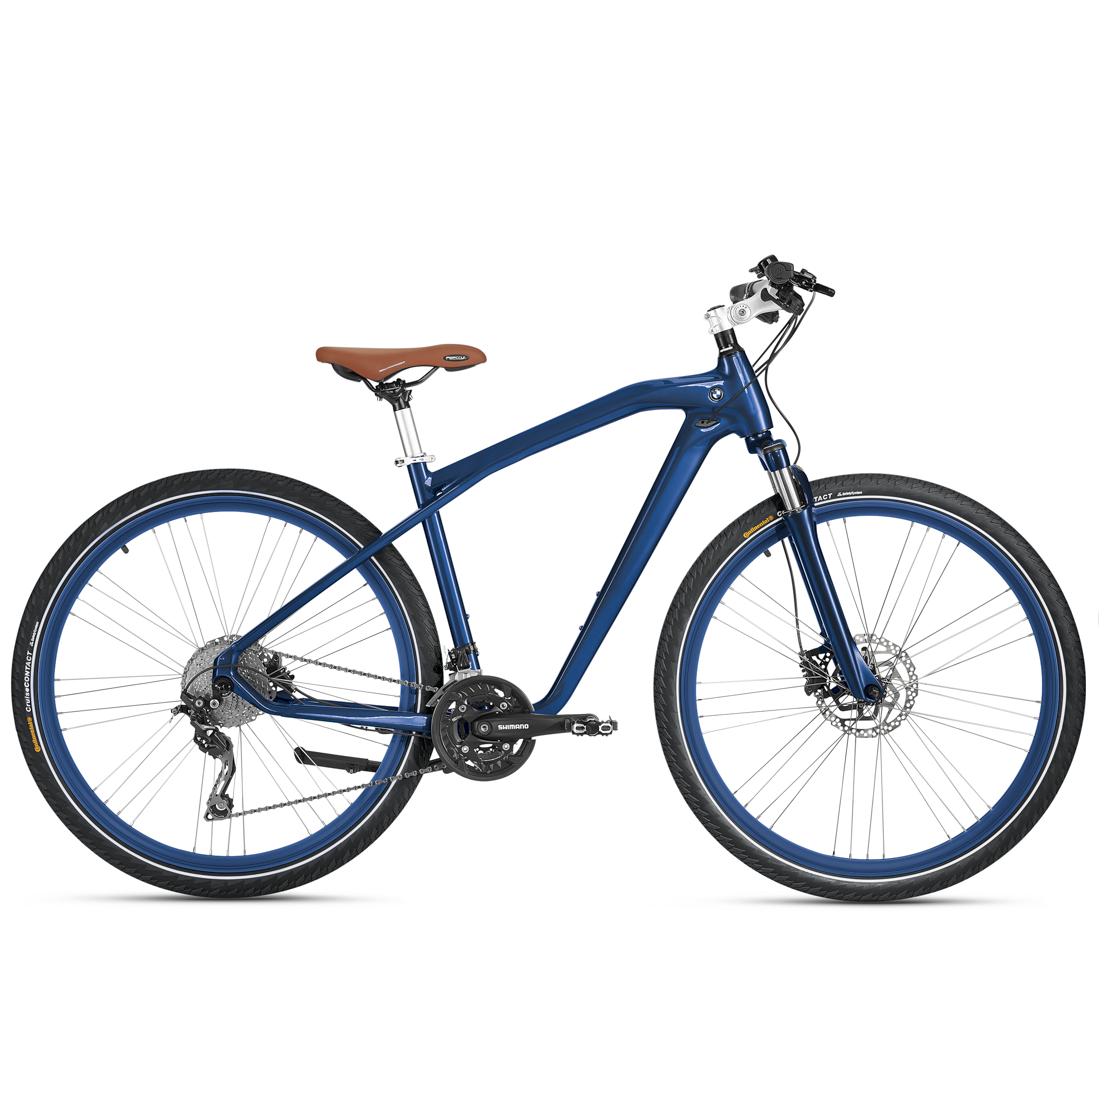 Оригінальний велосипед BMW Cruise Bike 2016, Aqua Pearl Blue, артикул 80912412305